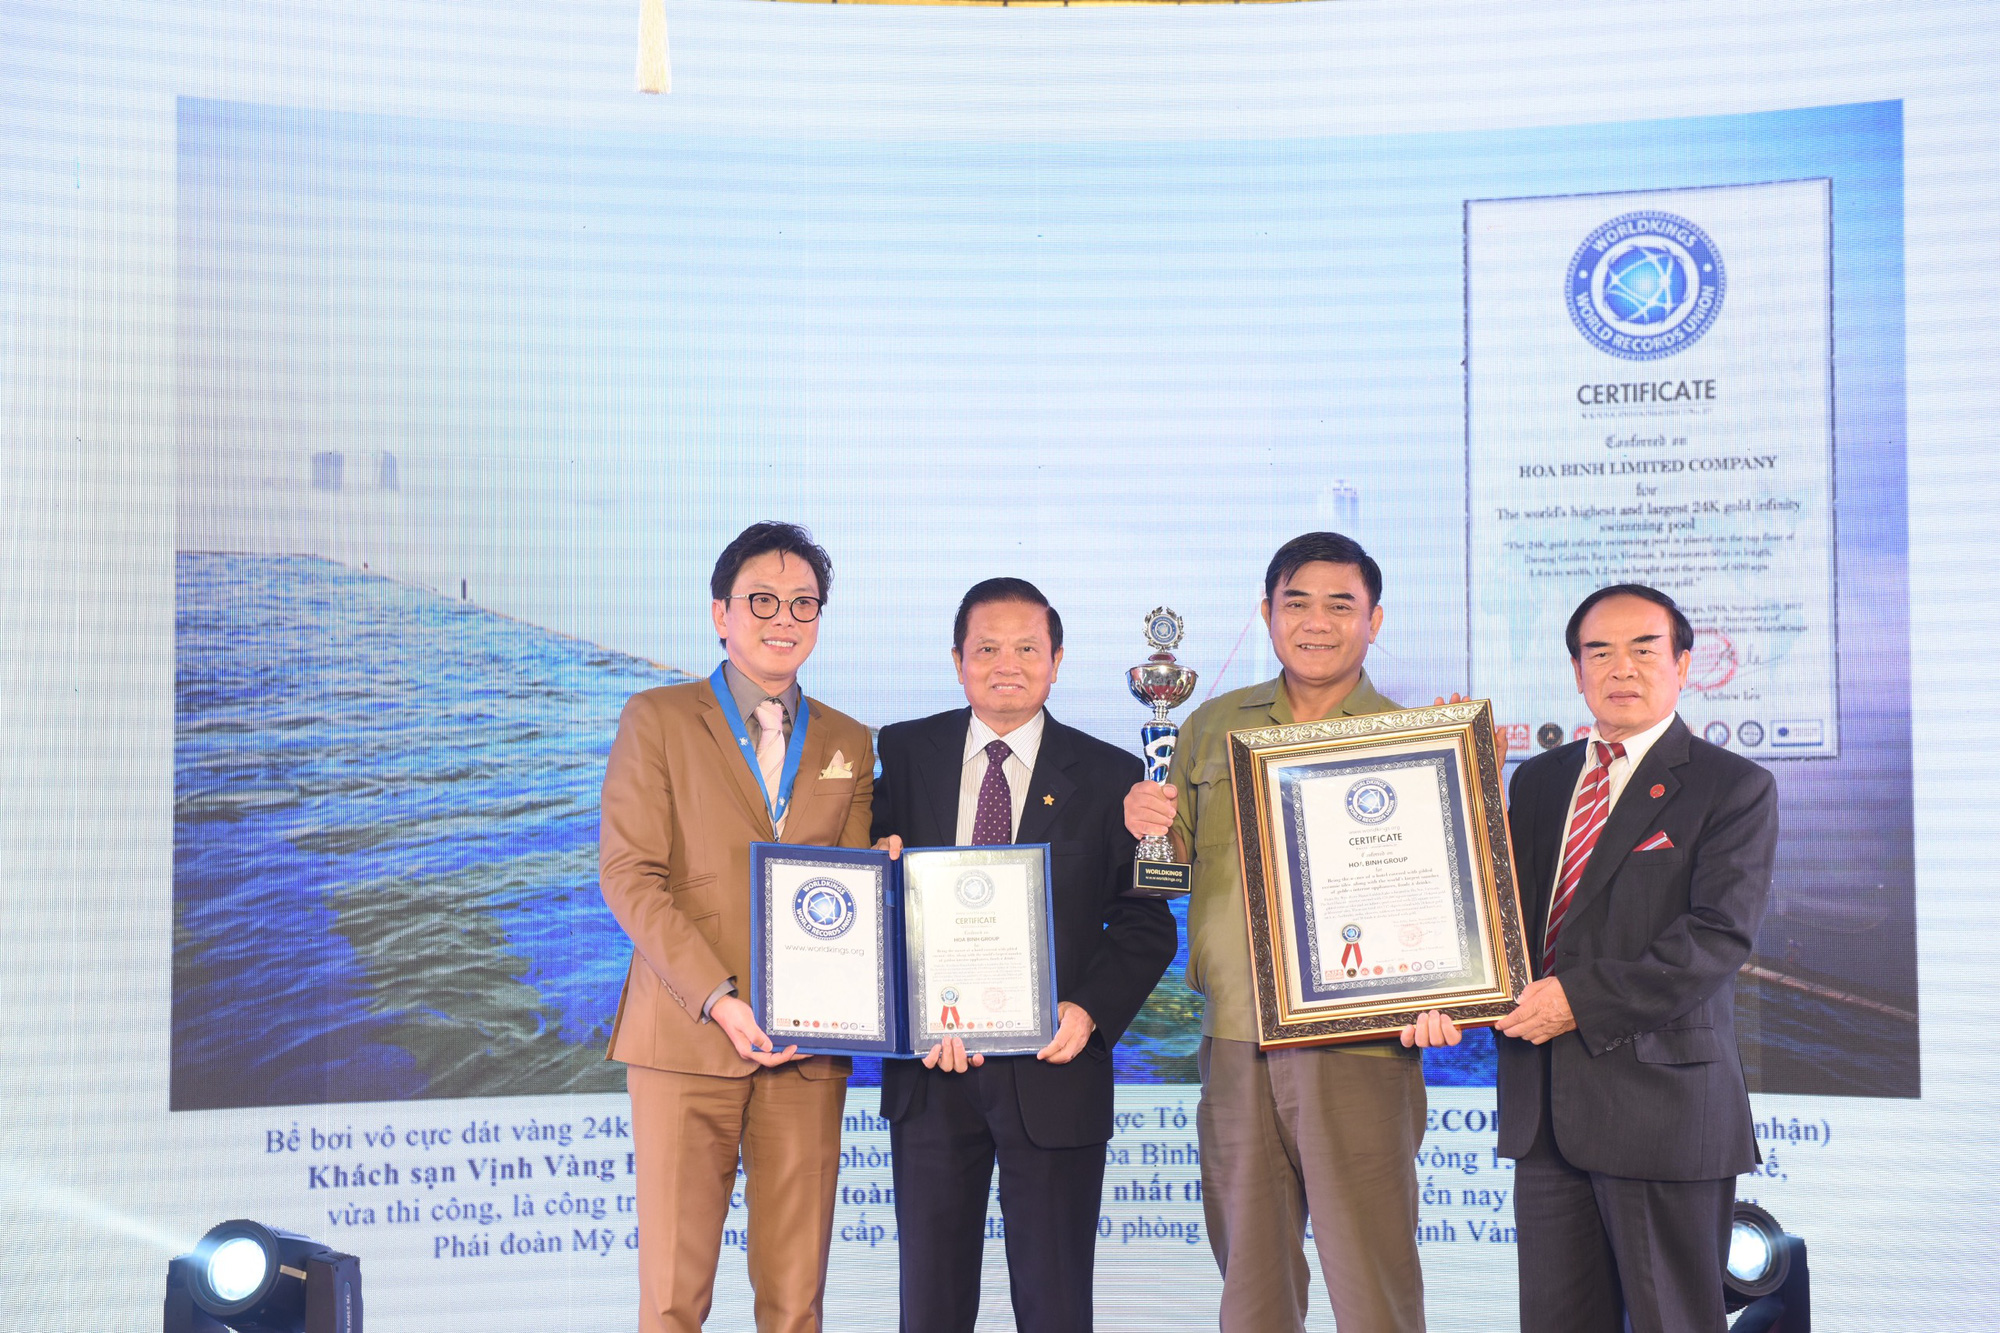 Khách sạn dát vàng 9999 đầu tiên trên thế giới ở Hà Nội xác lập kỷ lục - Ảnh 6.